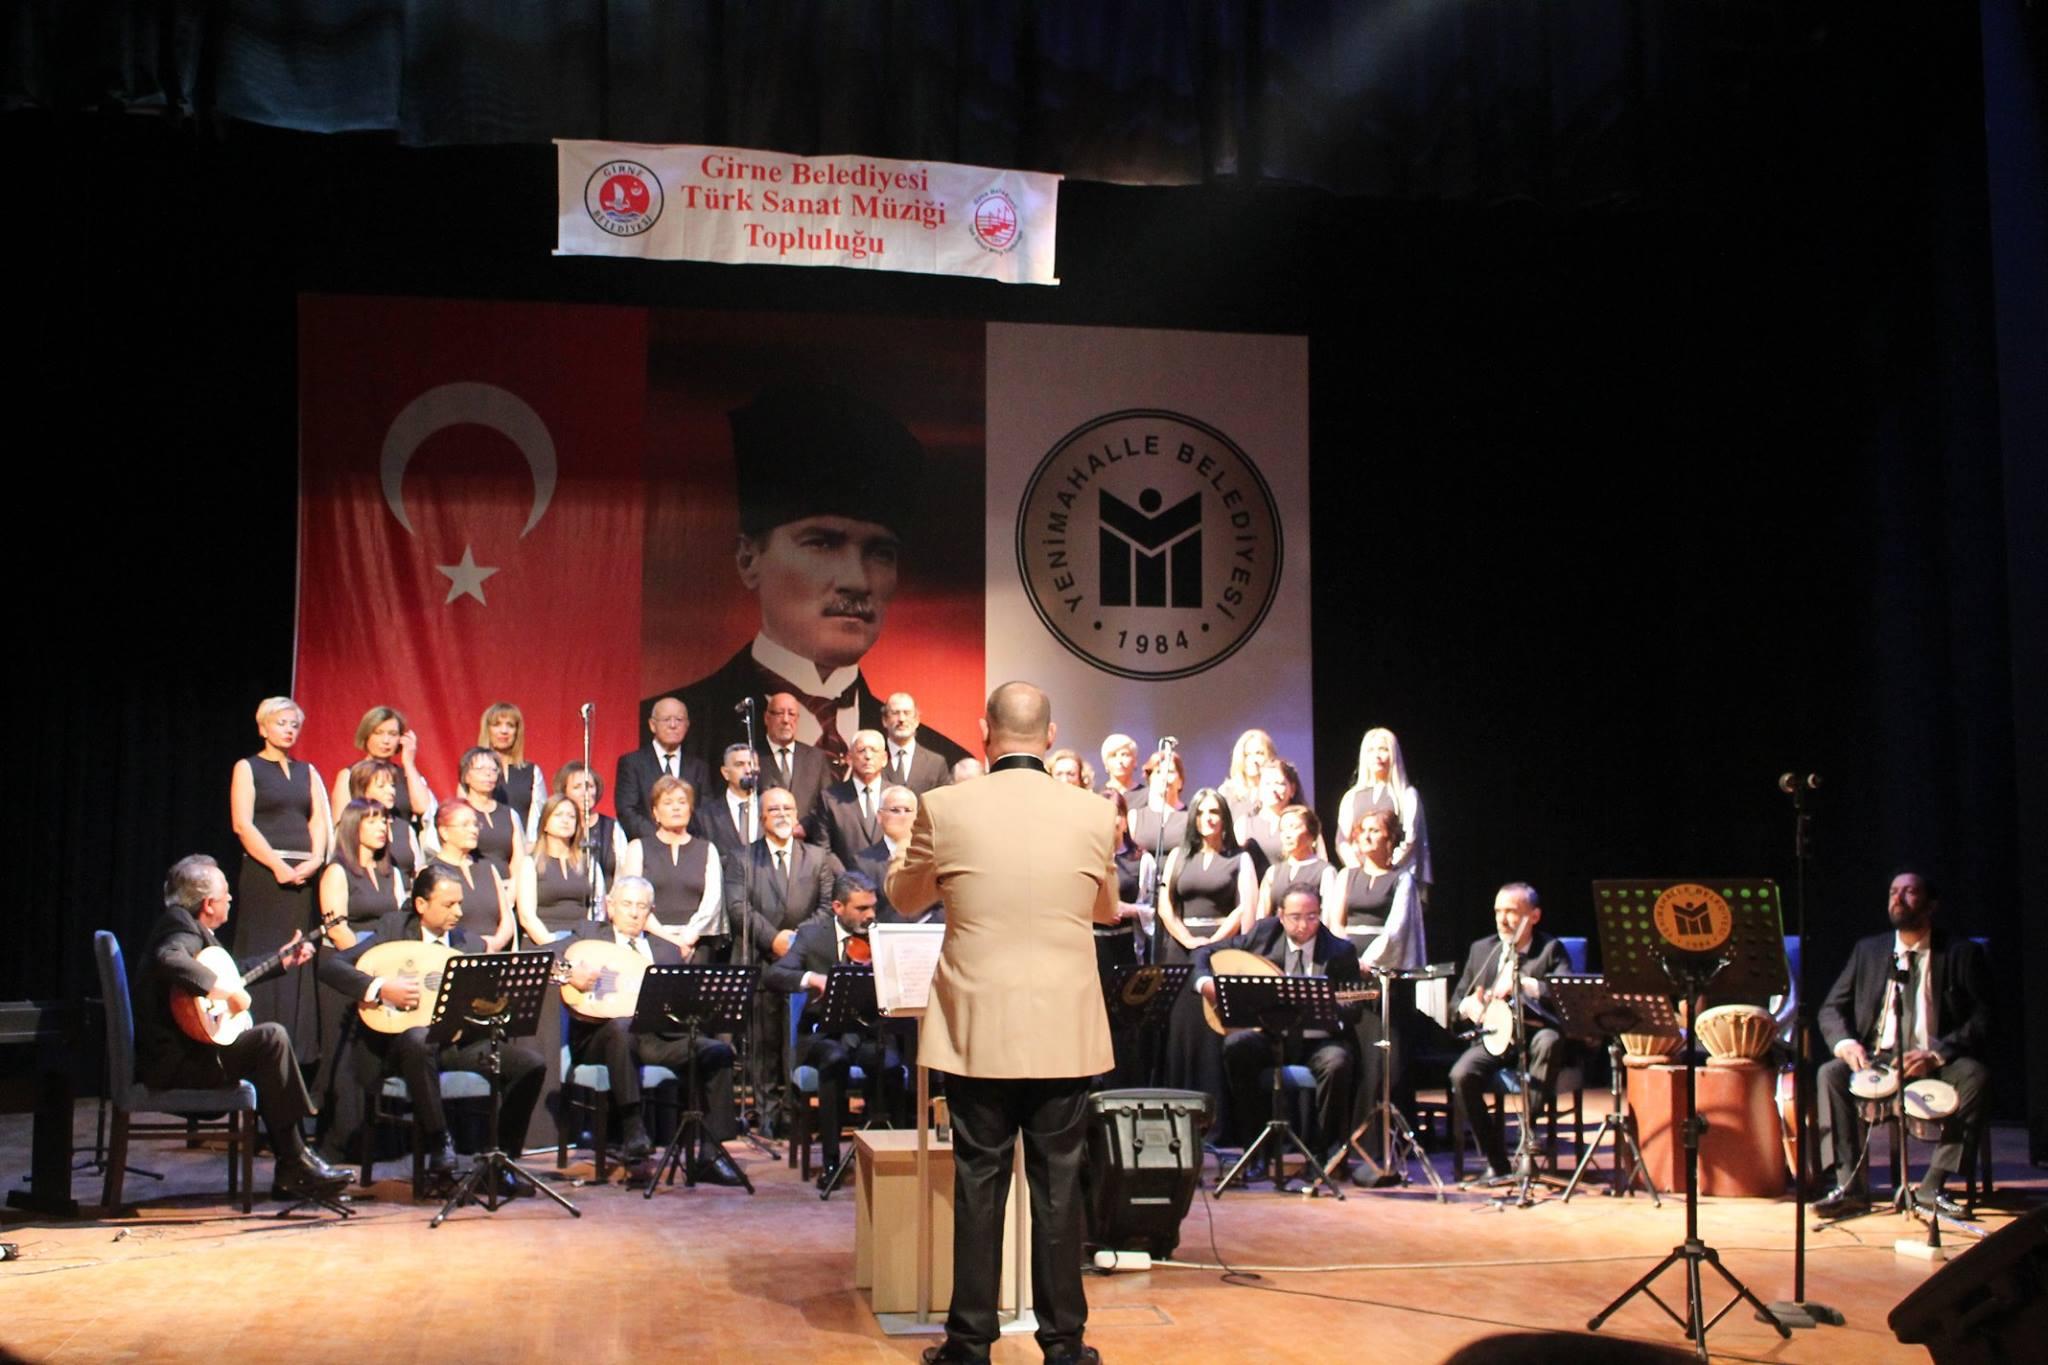 Муниципалитеты Кирении и Анкары будут сотрудничать